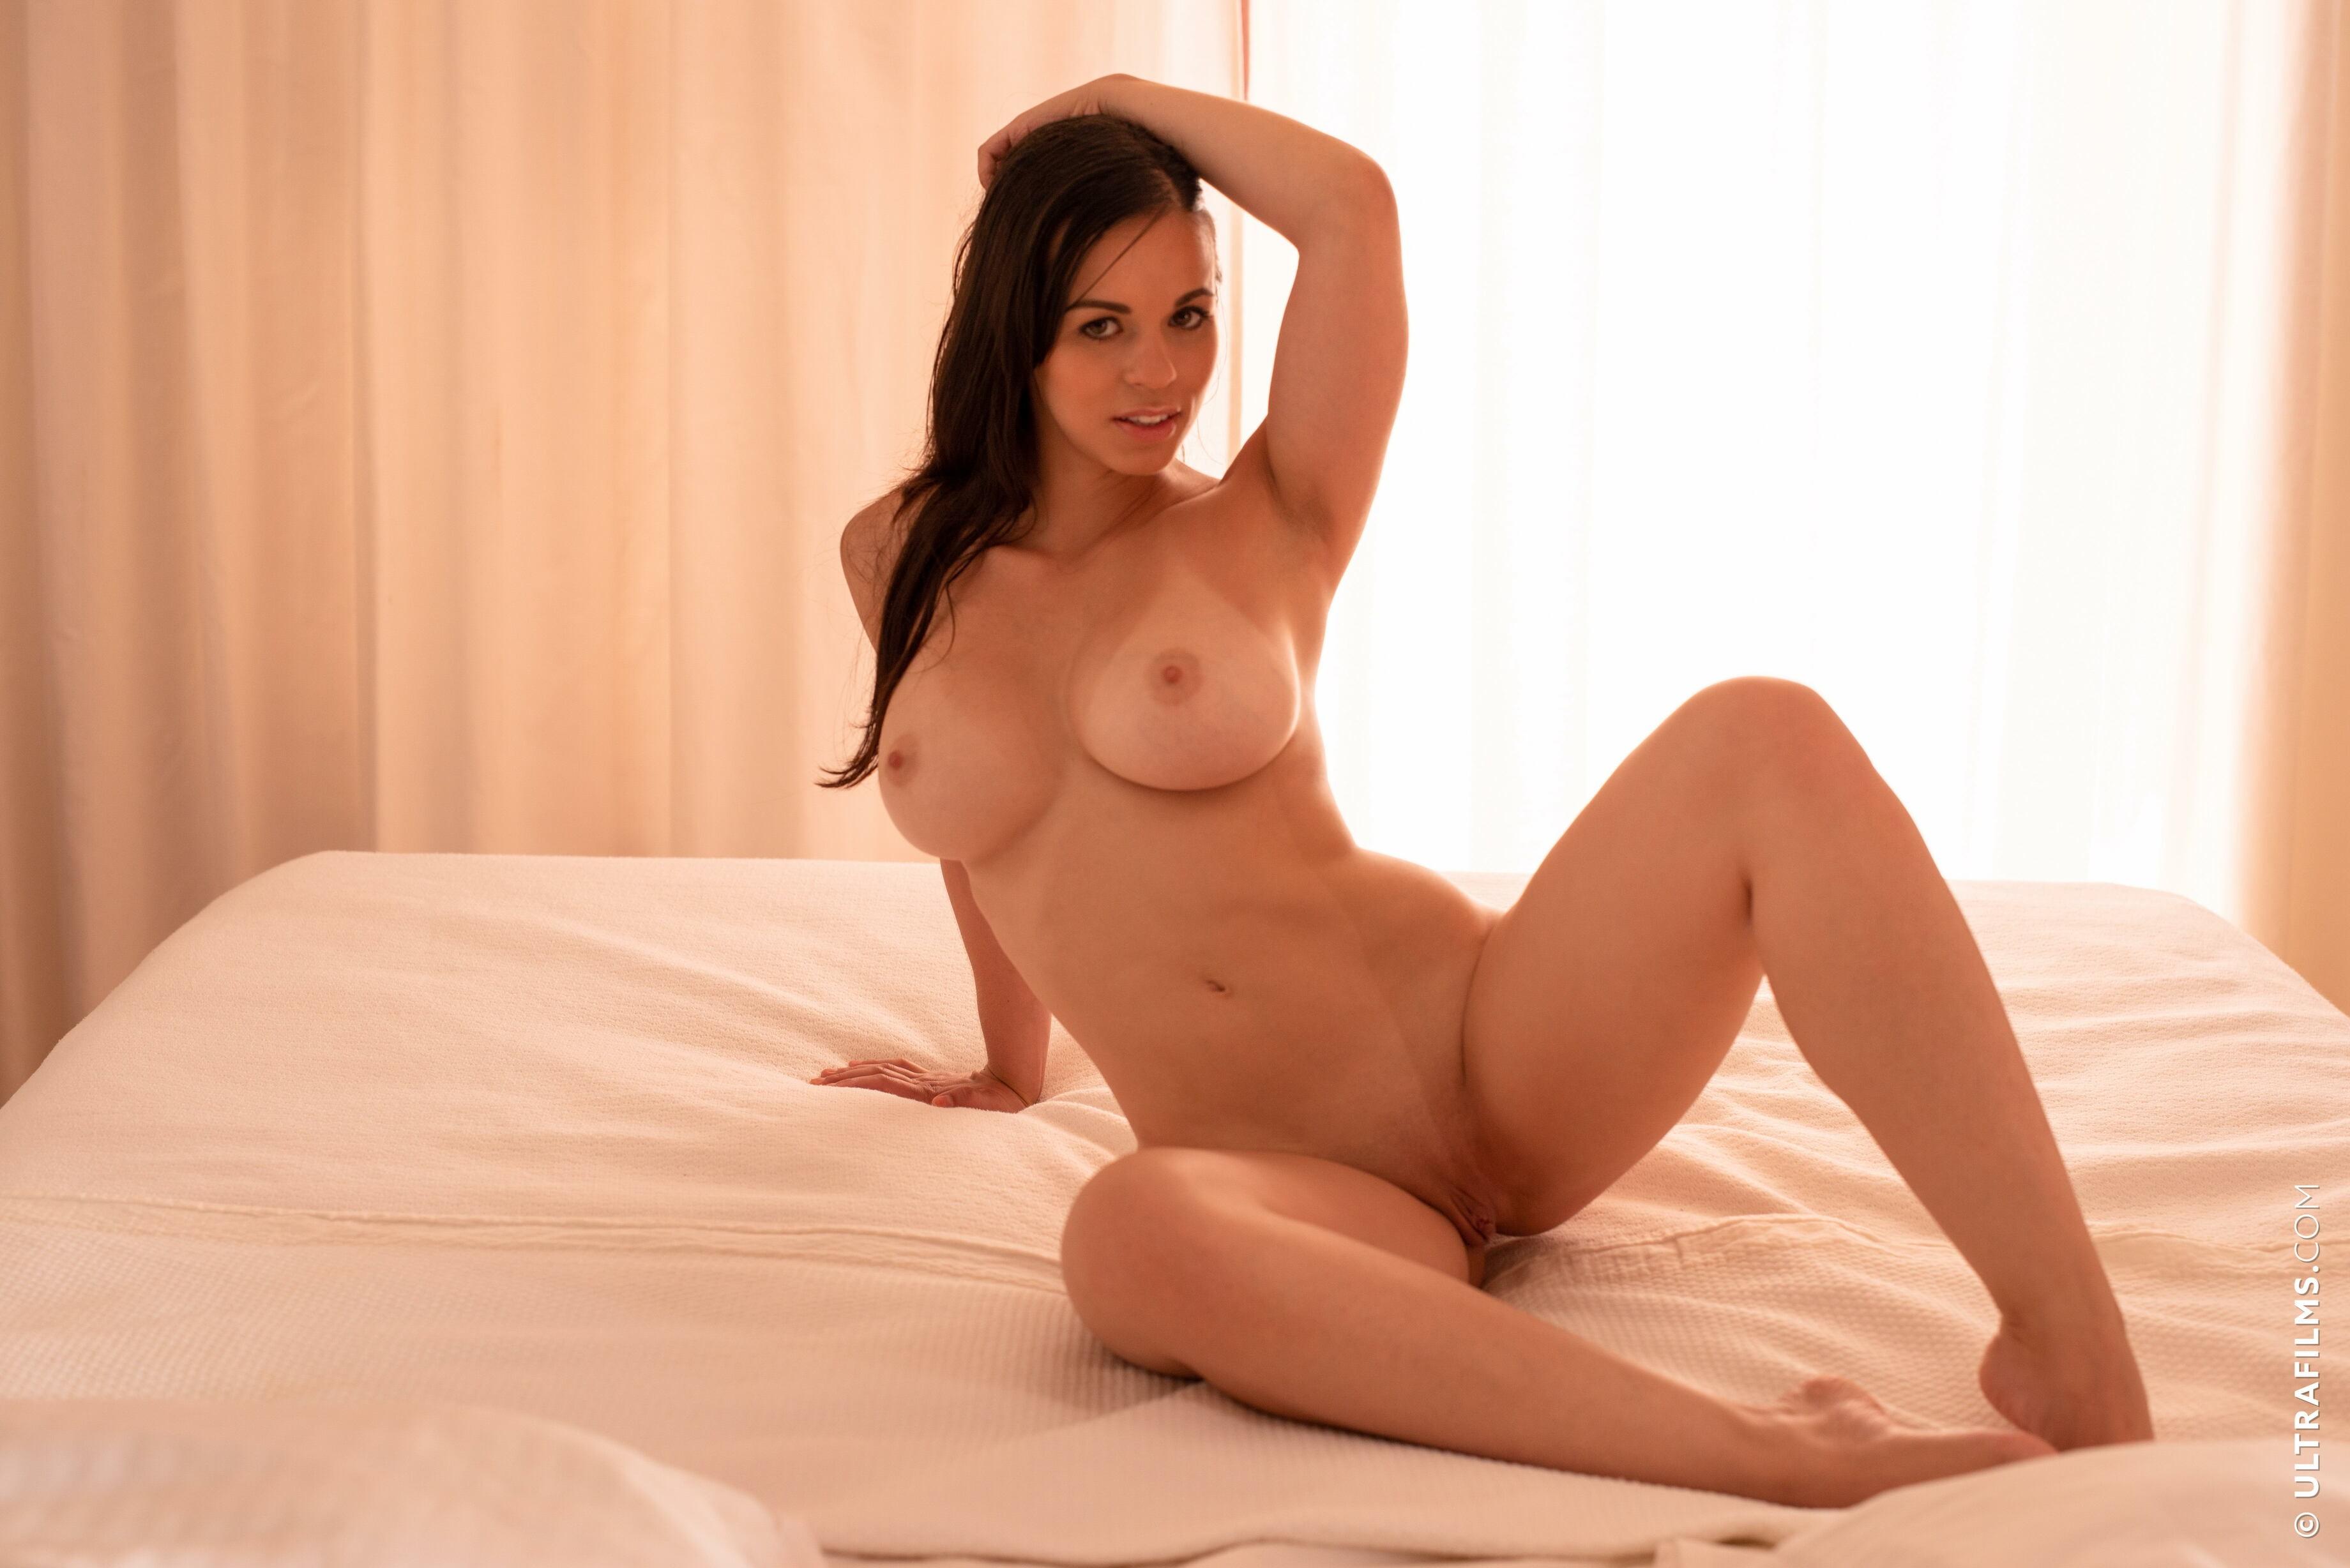 Голая девушка с большой грудью - фото